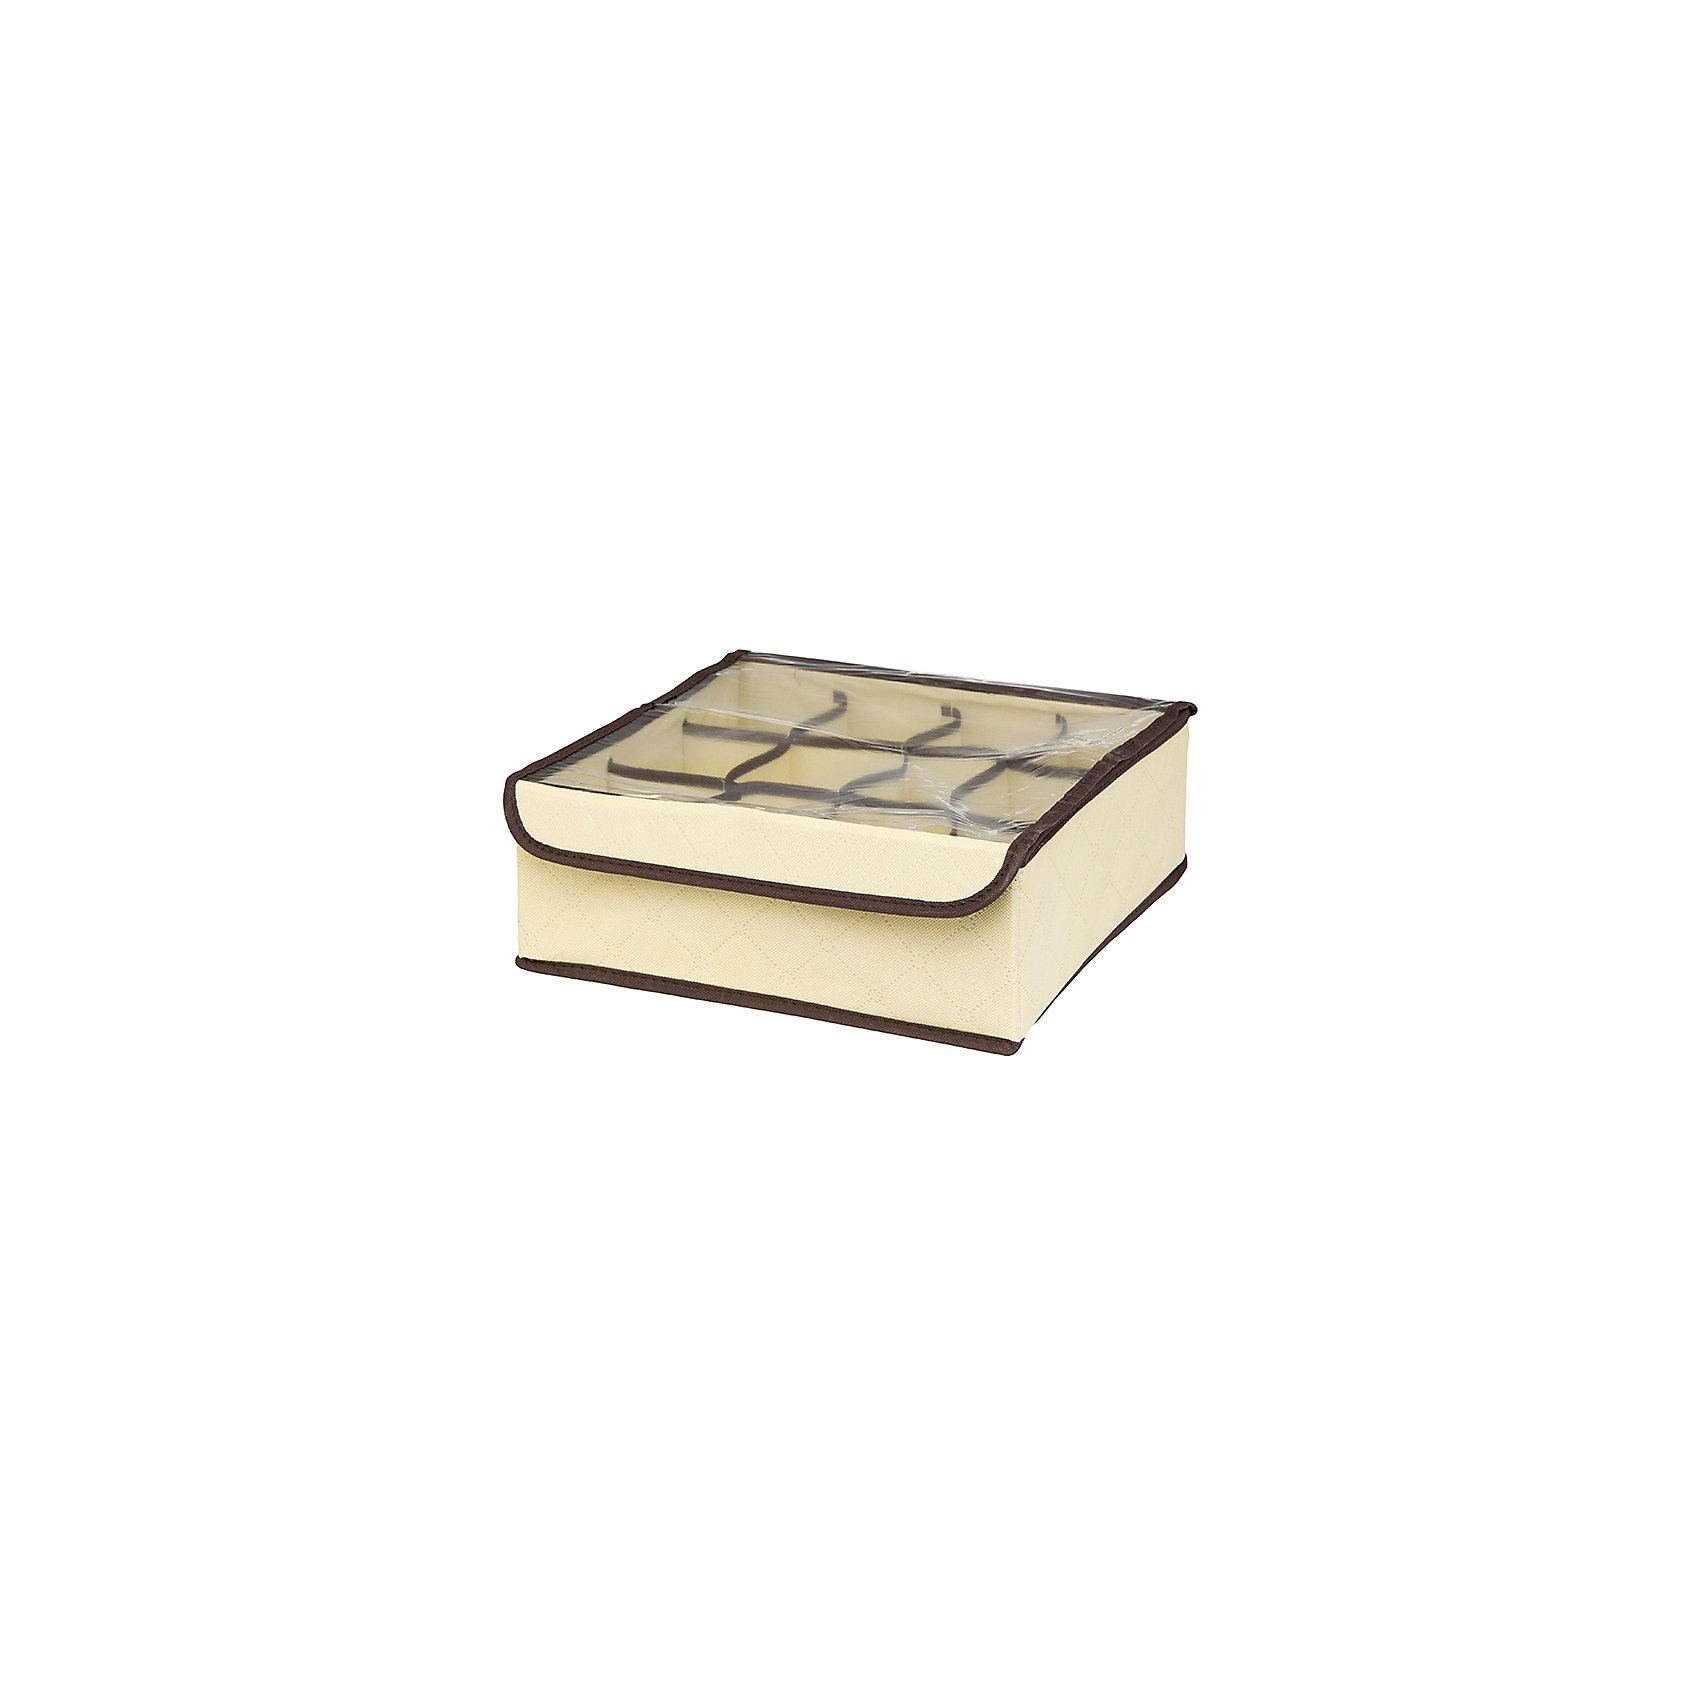 Кофр для нижнего белья и носков 32*32*12 см. Геометрия стиля, 12 секций, EL Casa, молочныйПорядок в детской<br>Кофр с 12 секциями подходит для хранения EL Casa нижнего белья, колготок, носков и другой одежды. Изготовлен из высококачественного нетканного материала, что позволяет сохранить естественную вентиляцию. Прозрачная крышка позволяет видеть содержимое кофра, не открывая его. Такой органайзер позволит вам хранить  вещи компактно и удобно. Размер 32х32х12 см.<br><br>Ширина мм: 330<br>Глубина мм: 125<br>Высота мм: 15<br>Вес г: 283<br>Возраст от месяцев: 0<br>Возраст до месяцев: 1188<br>Пол: Унисекс<br>Возраст: Детский<br>SKU: 6668765